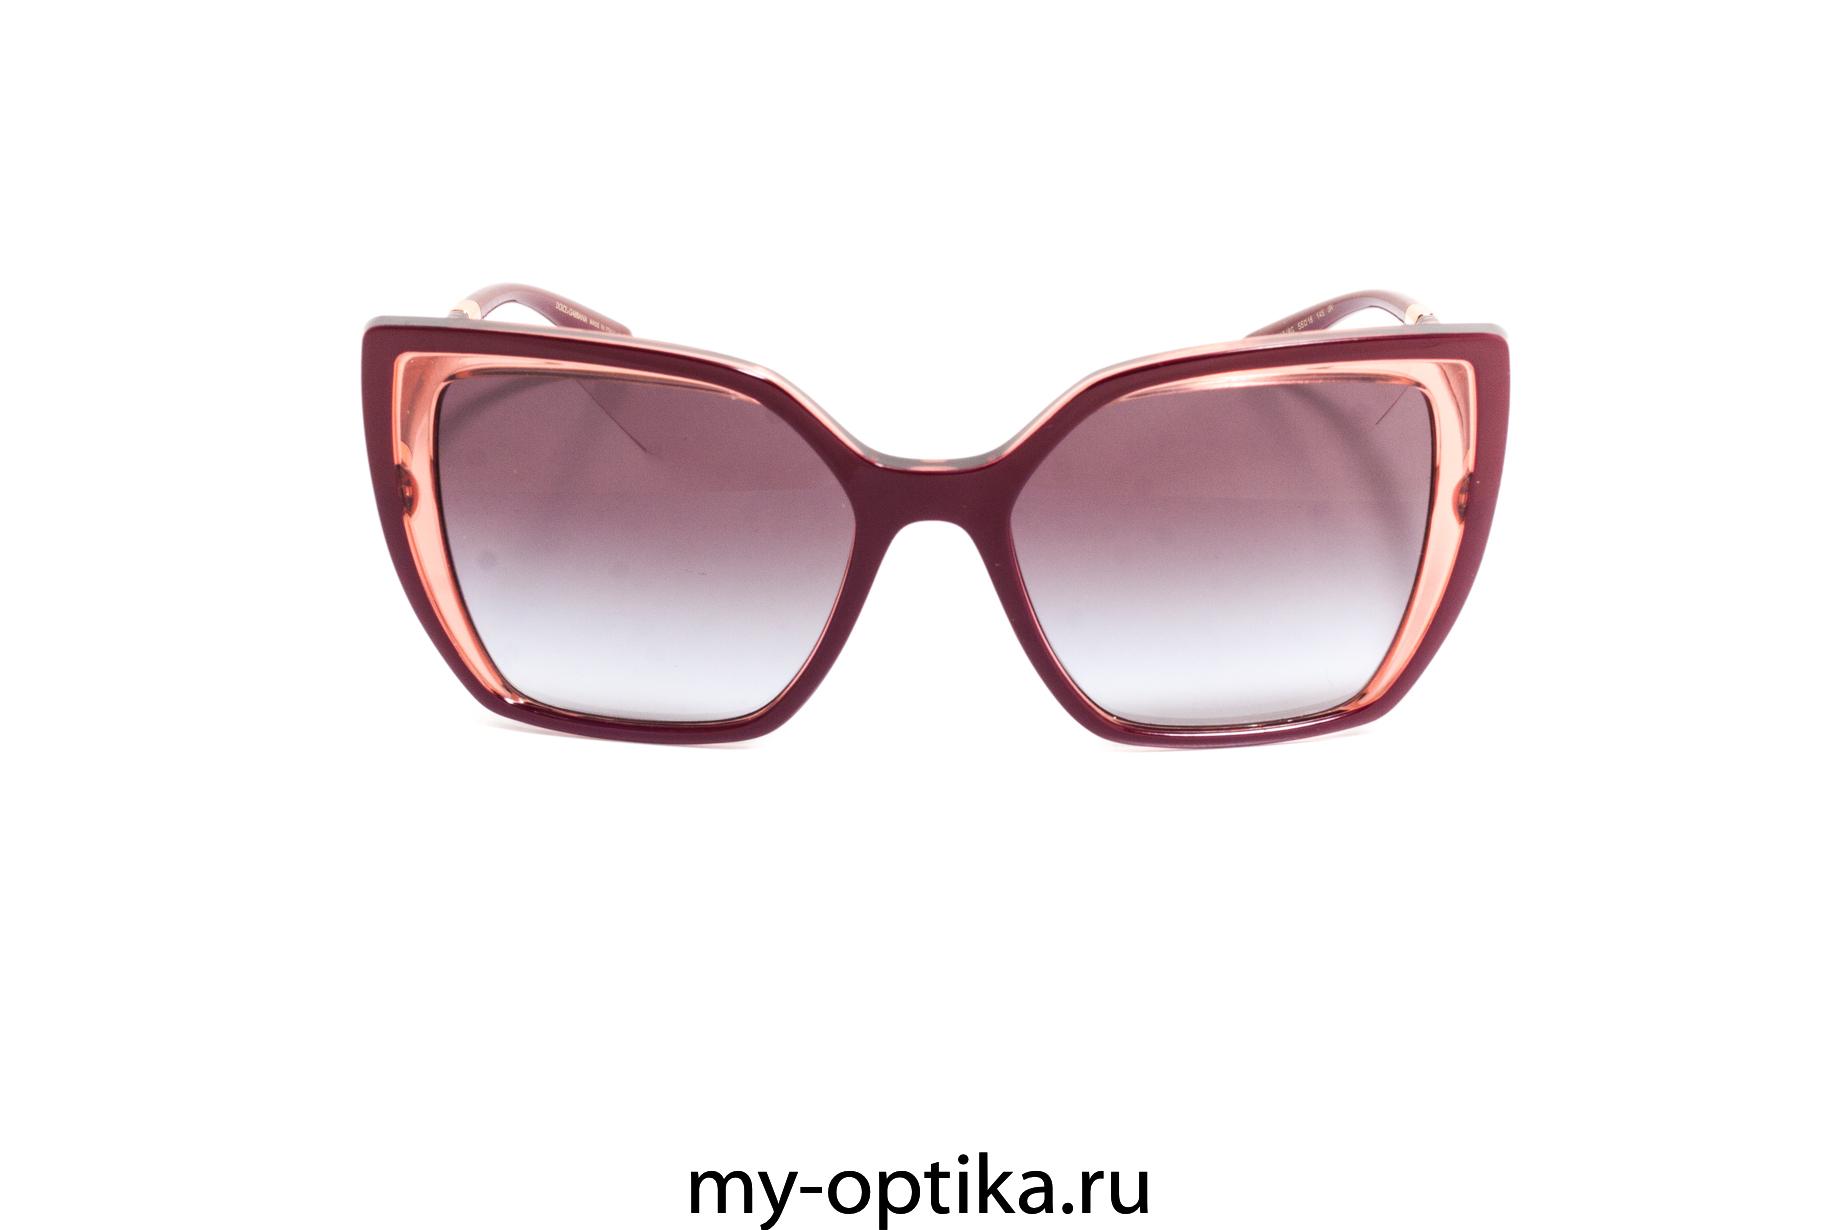 Очки Dolce&Gabbana 6138 3247/8G